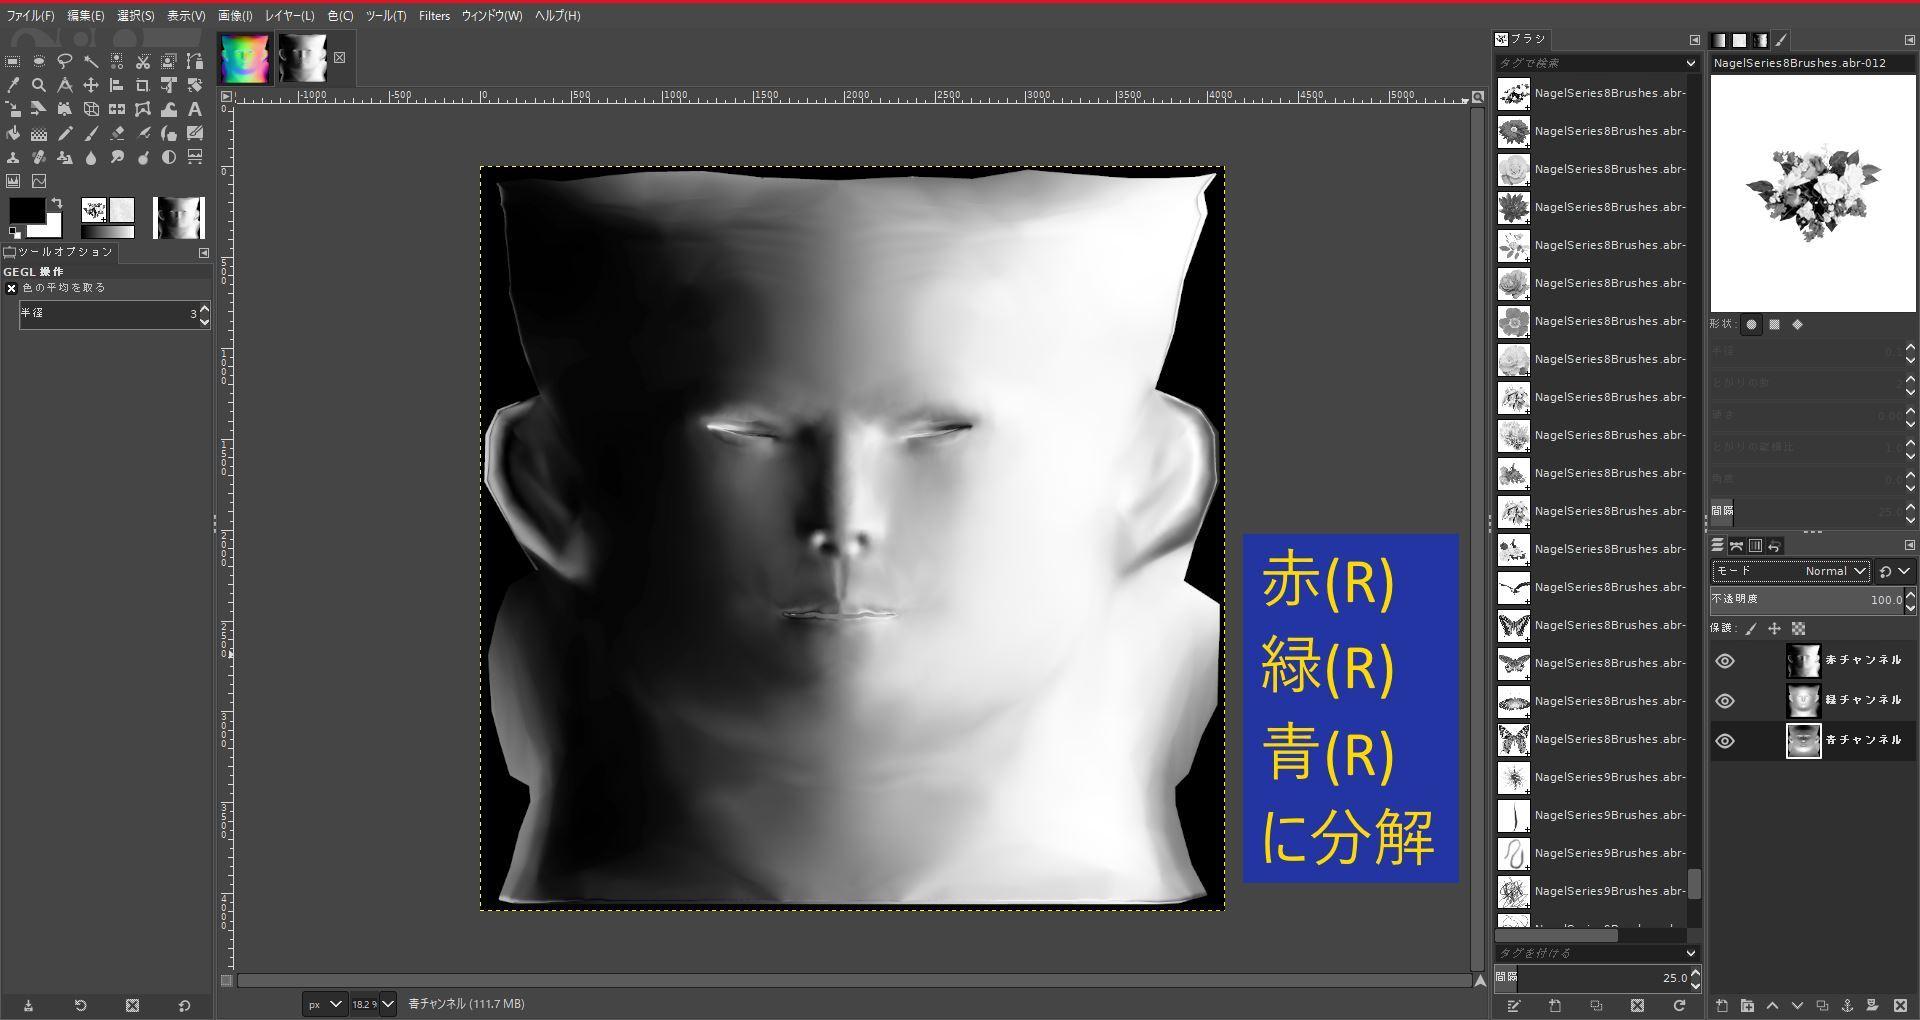 FemaleFaceNM201808SK 033-1 Info GIMP 1